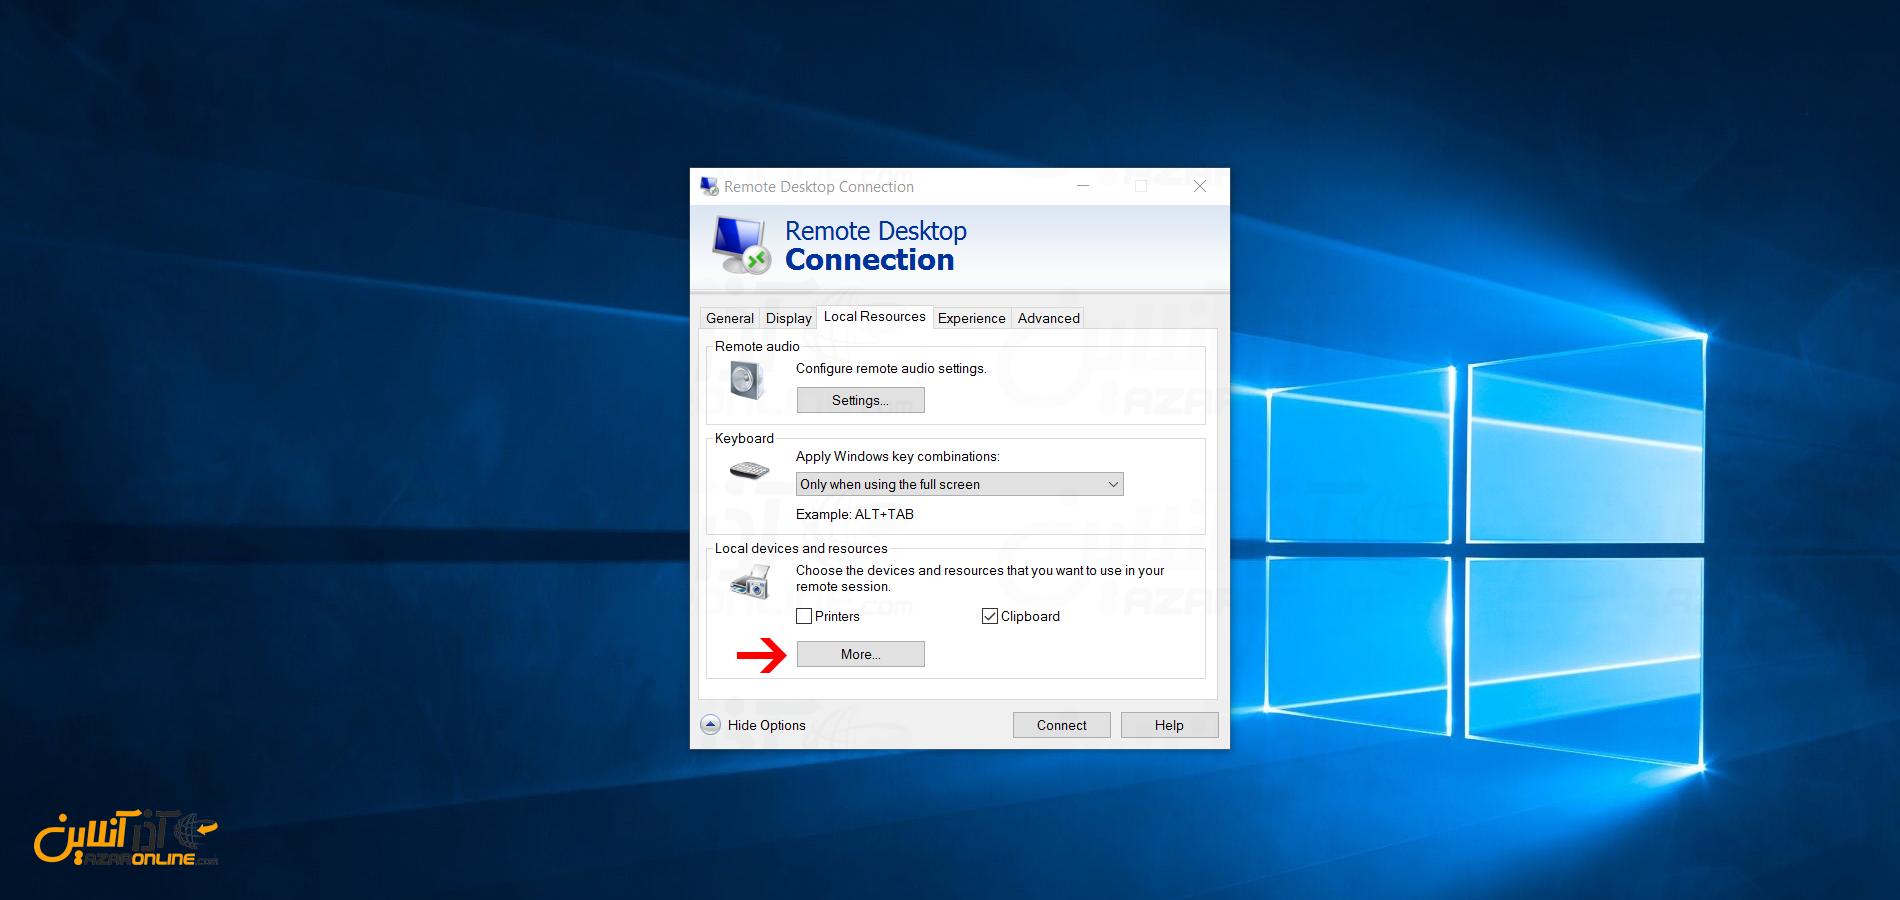 آموزش انتقال فایل از وی پی اس به کامپیوتر و بالعکس - Option های اضافی